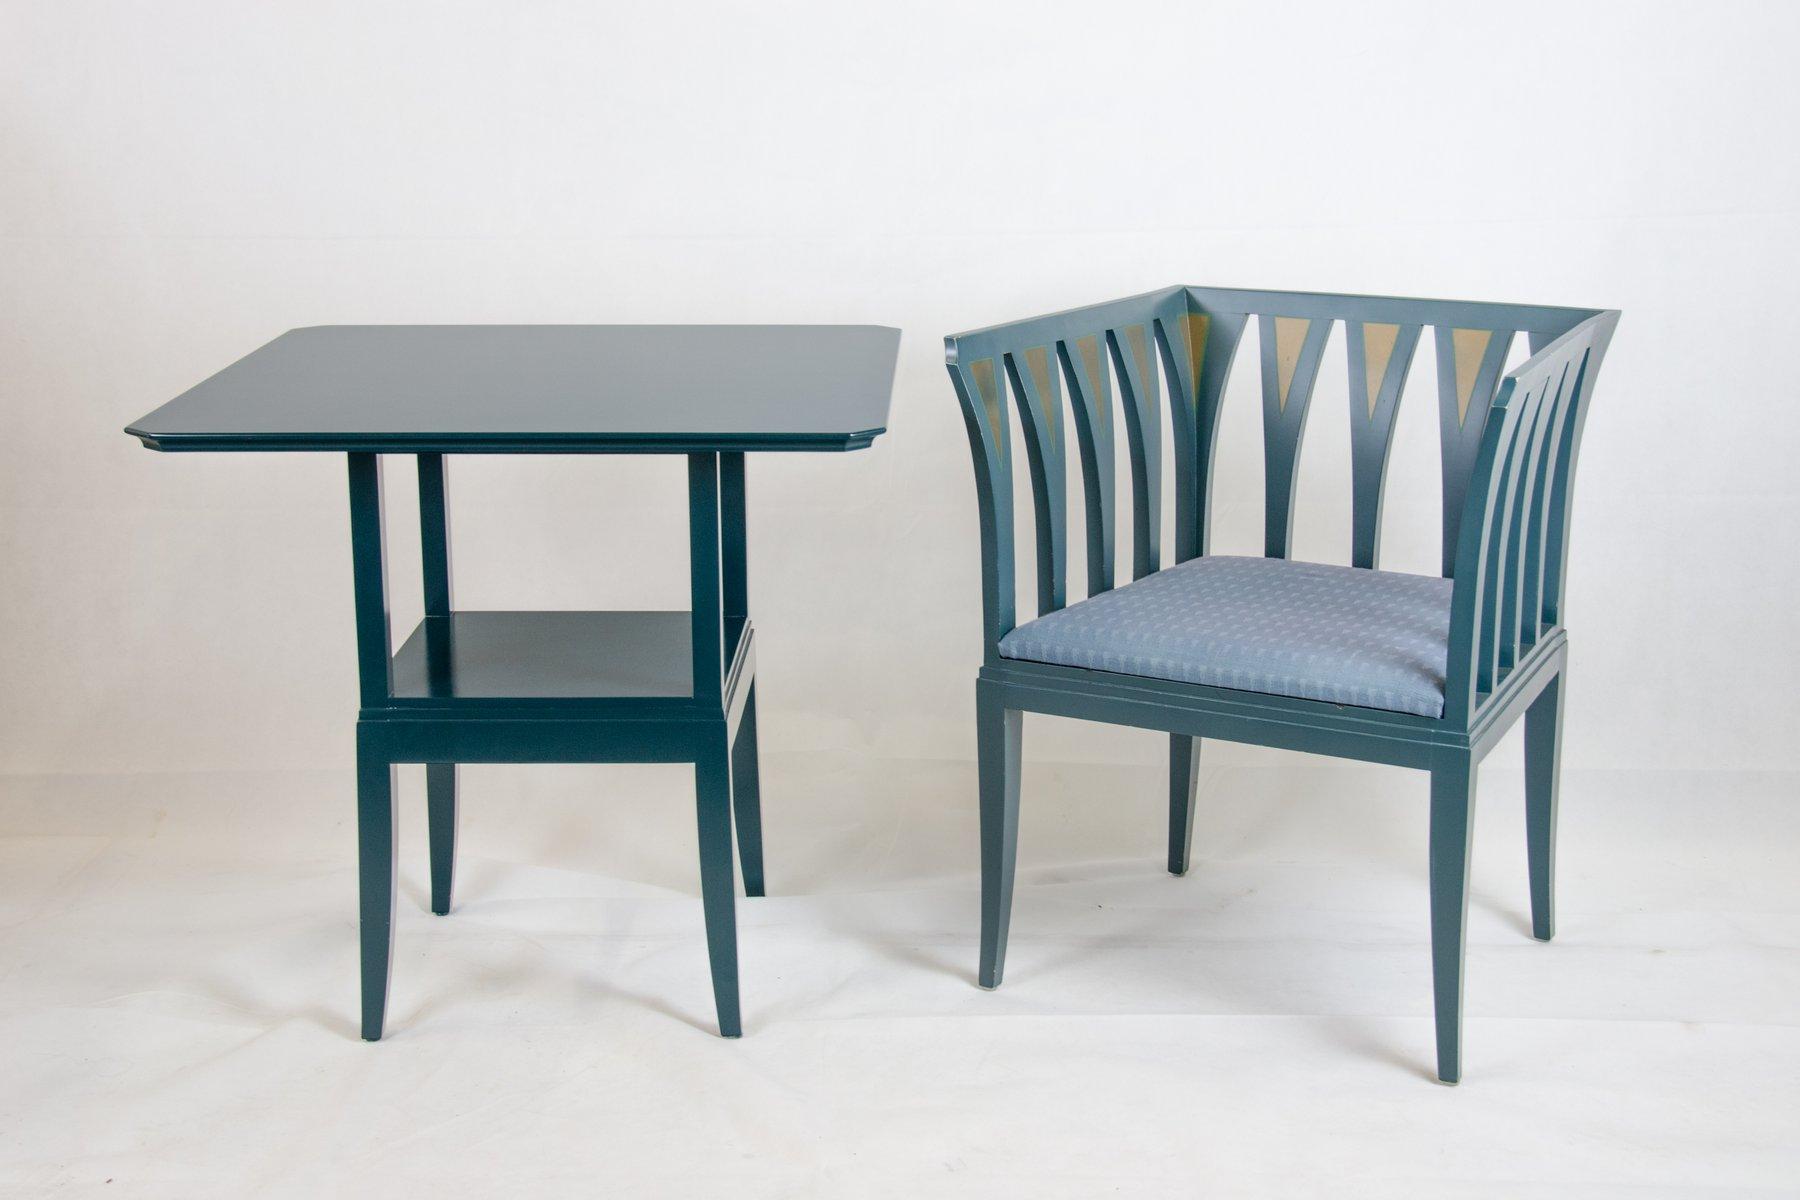 Wunderbar Küchentisch Stuhl Setzt Ideen - Ideen Für Die Küche ...